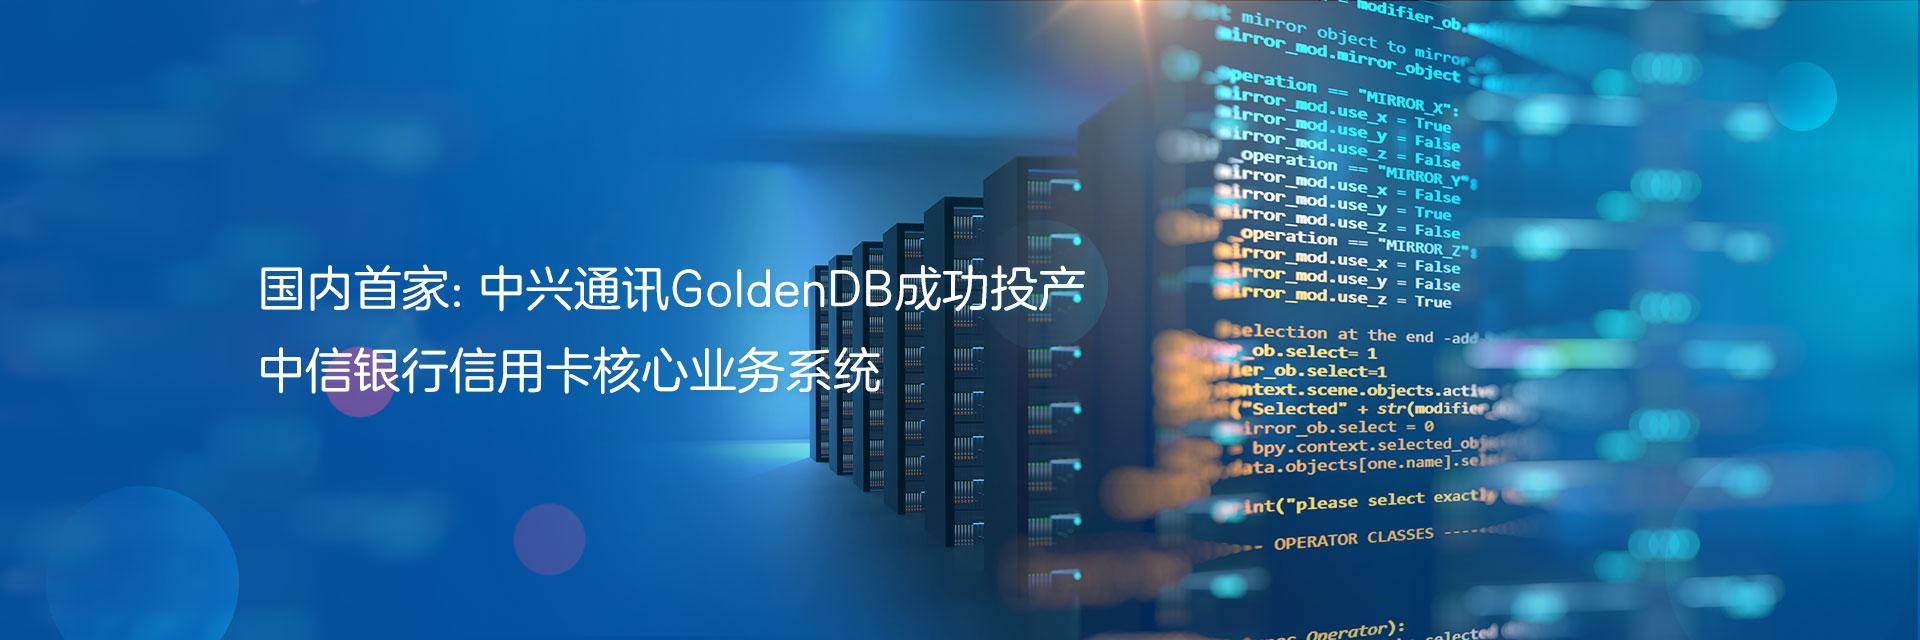 国内首家: 中兴通讯GoldenDB成功投产中信银行信用卡核心业务系统